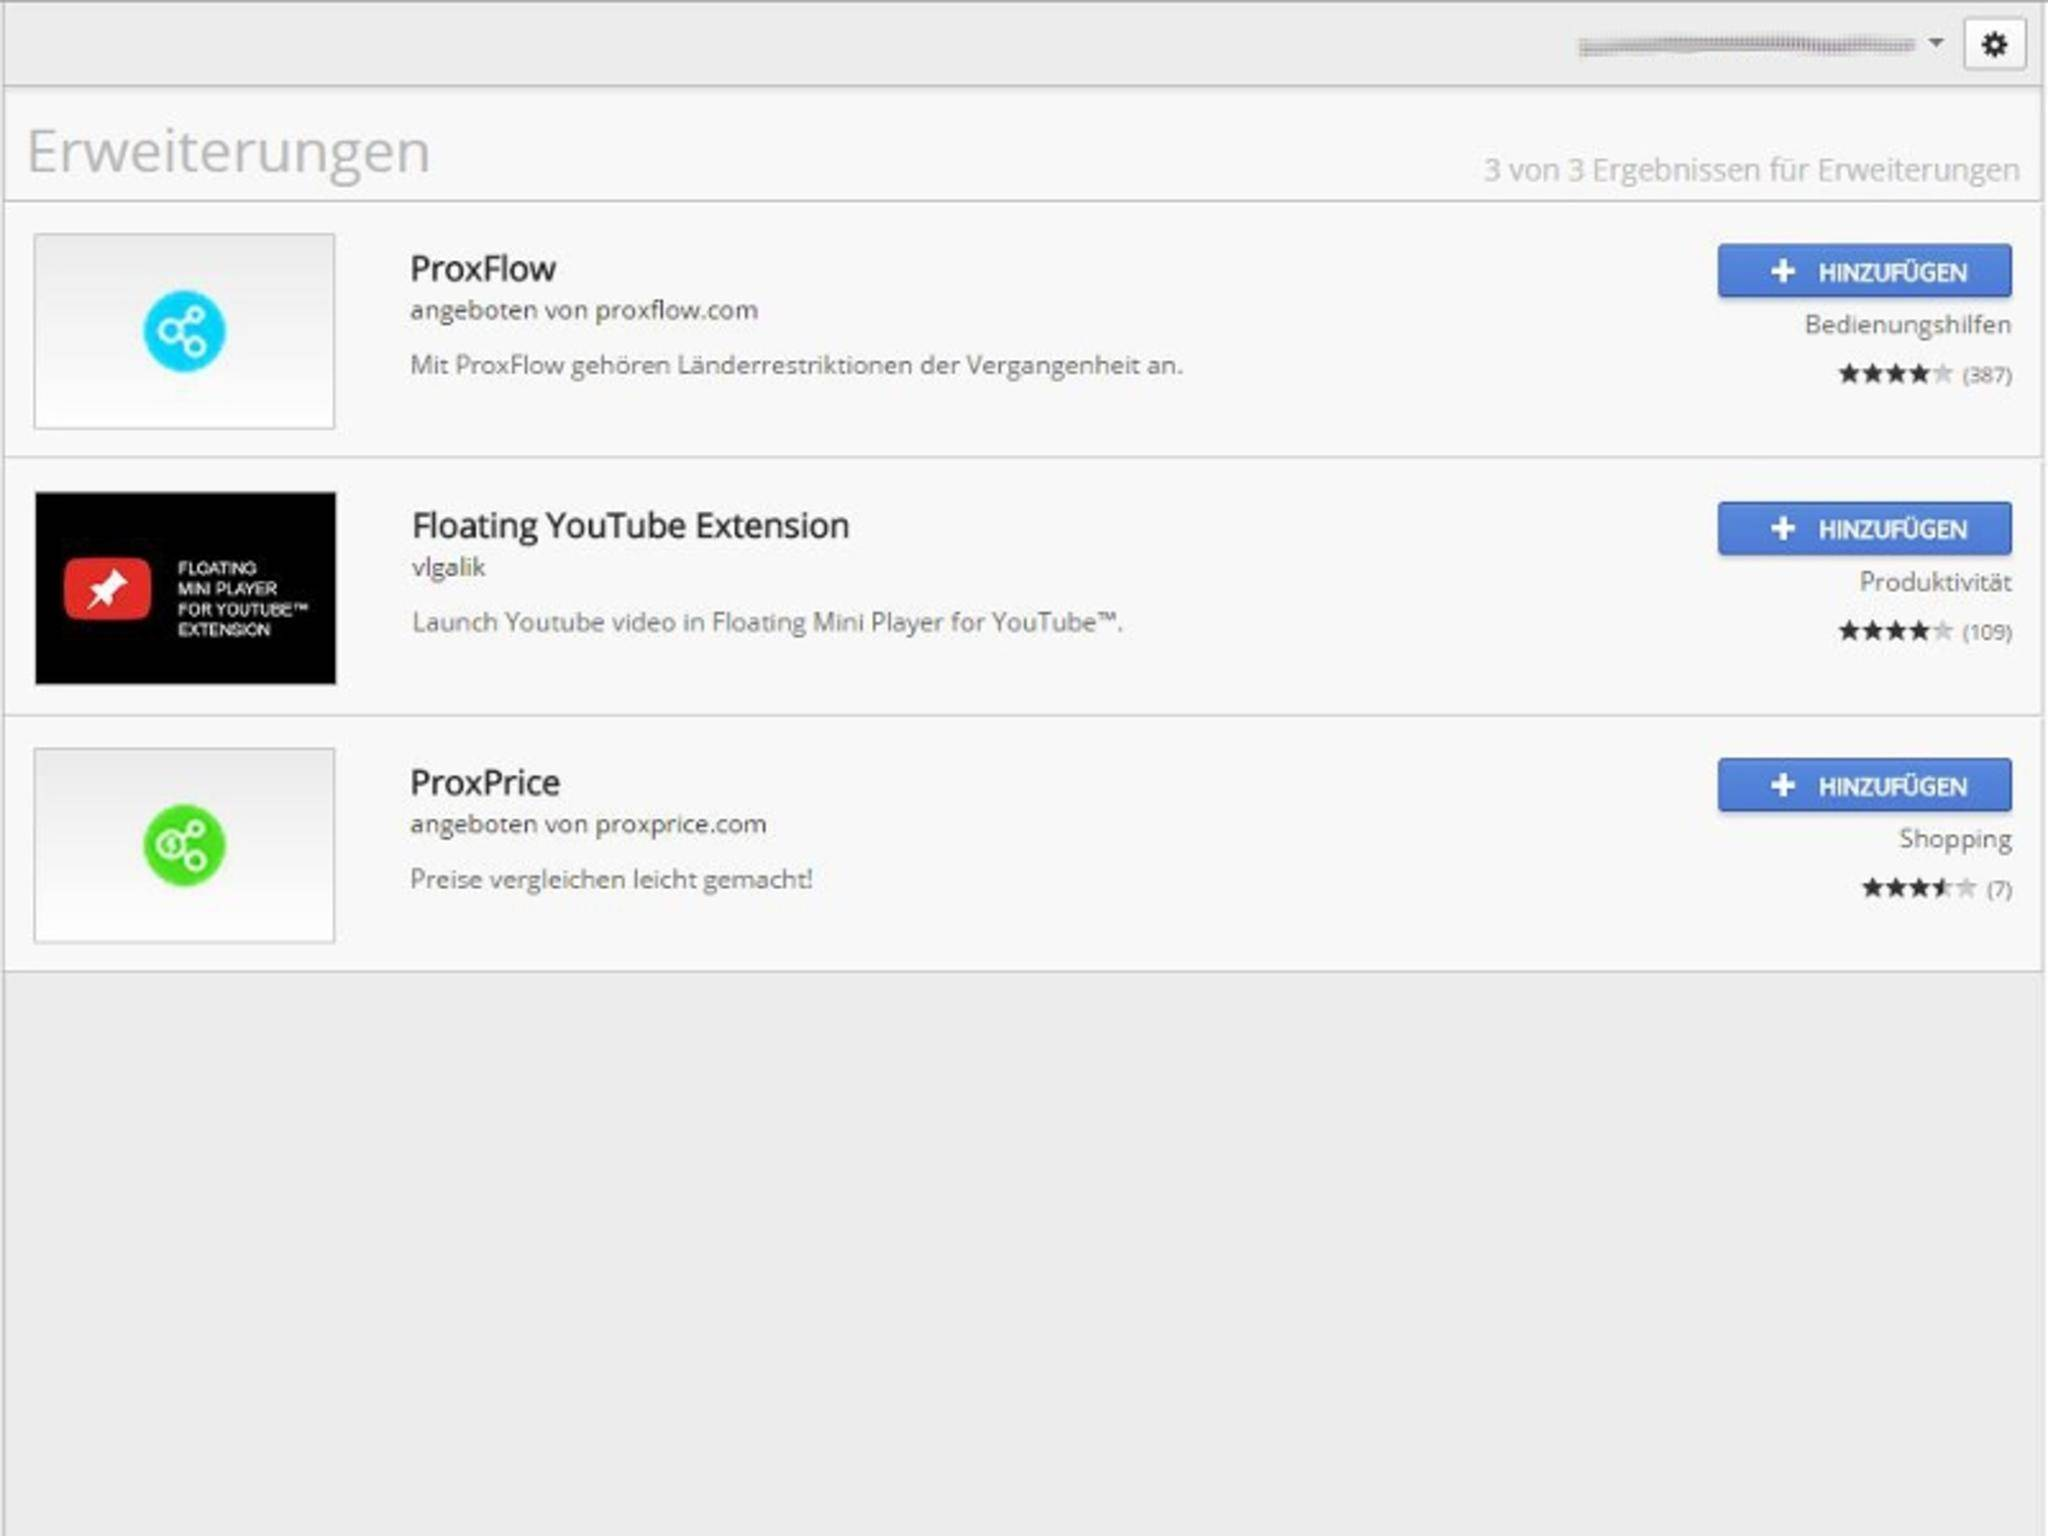 ProxFlow lässt sich im Chrome Web Store herunterladen.